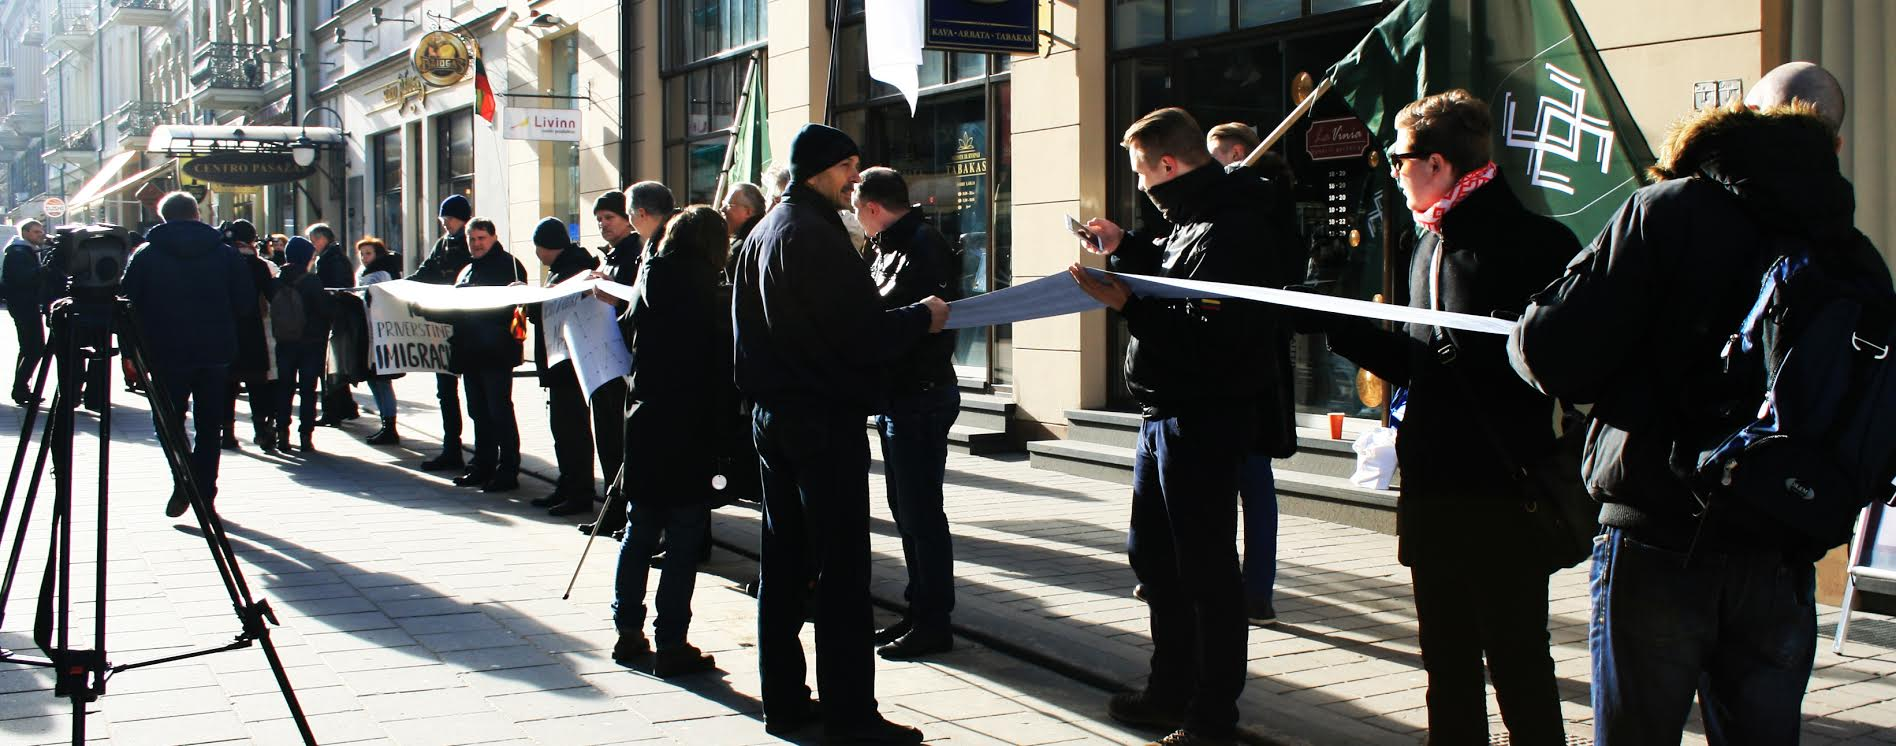 Lietuvos Vyriausybės kanceliarijai bus pristayta rekordinio ilgio peticija   ANI nuotr.